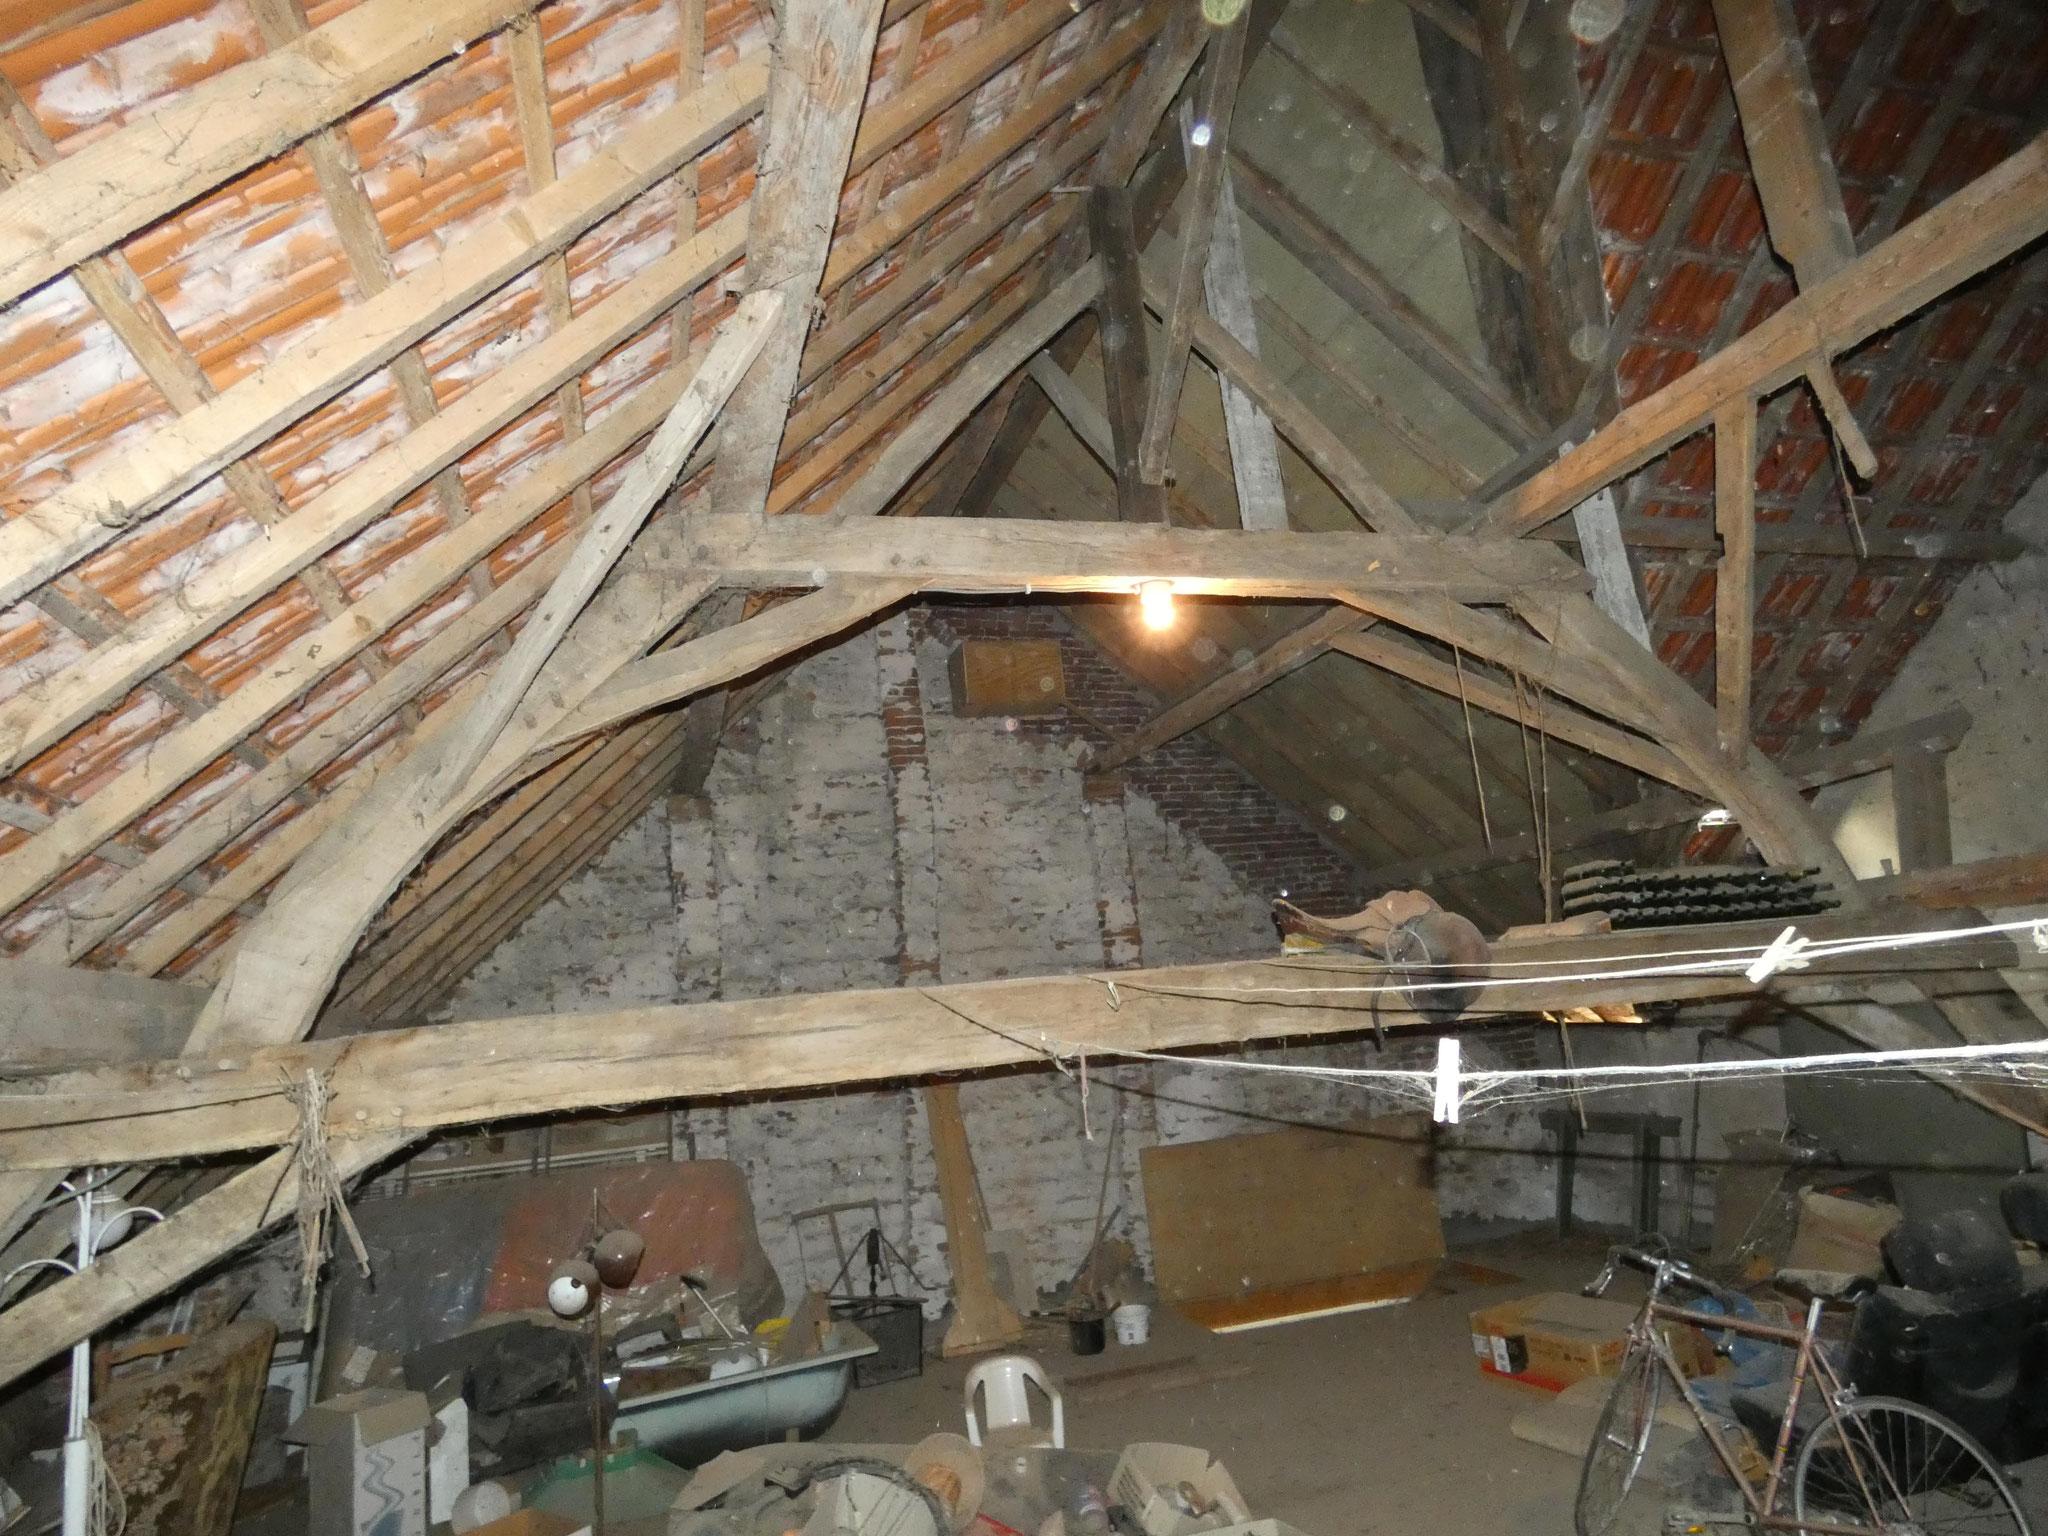 Sporen aan de kapconstructie tonen aan dat het zuidelijke dakschild (ten oosten van de stal uit 1950) is opgehoogd. Dit hangt samen met het verdwijnen van de geveltop van de schuur.